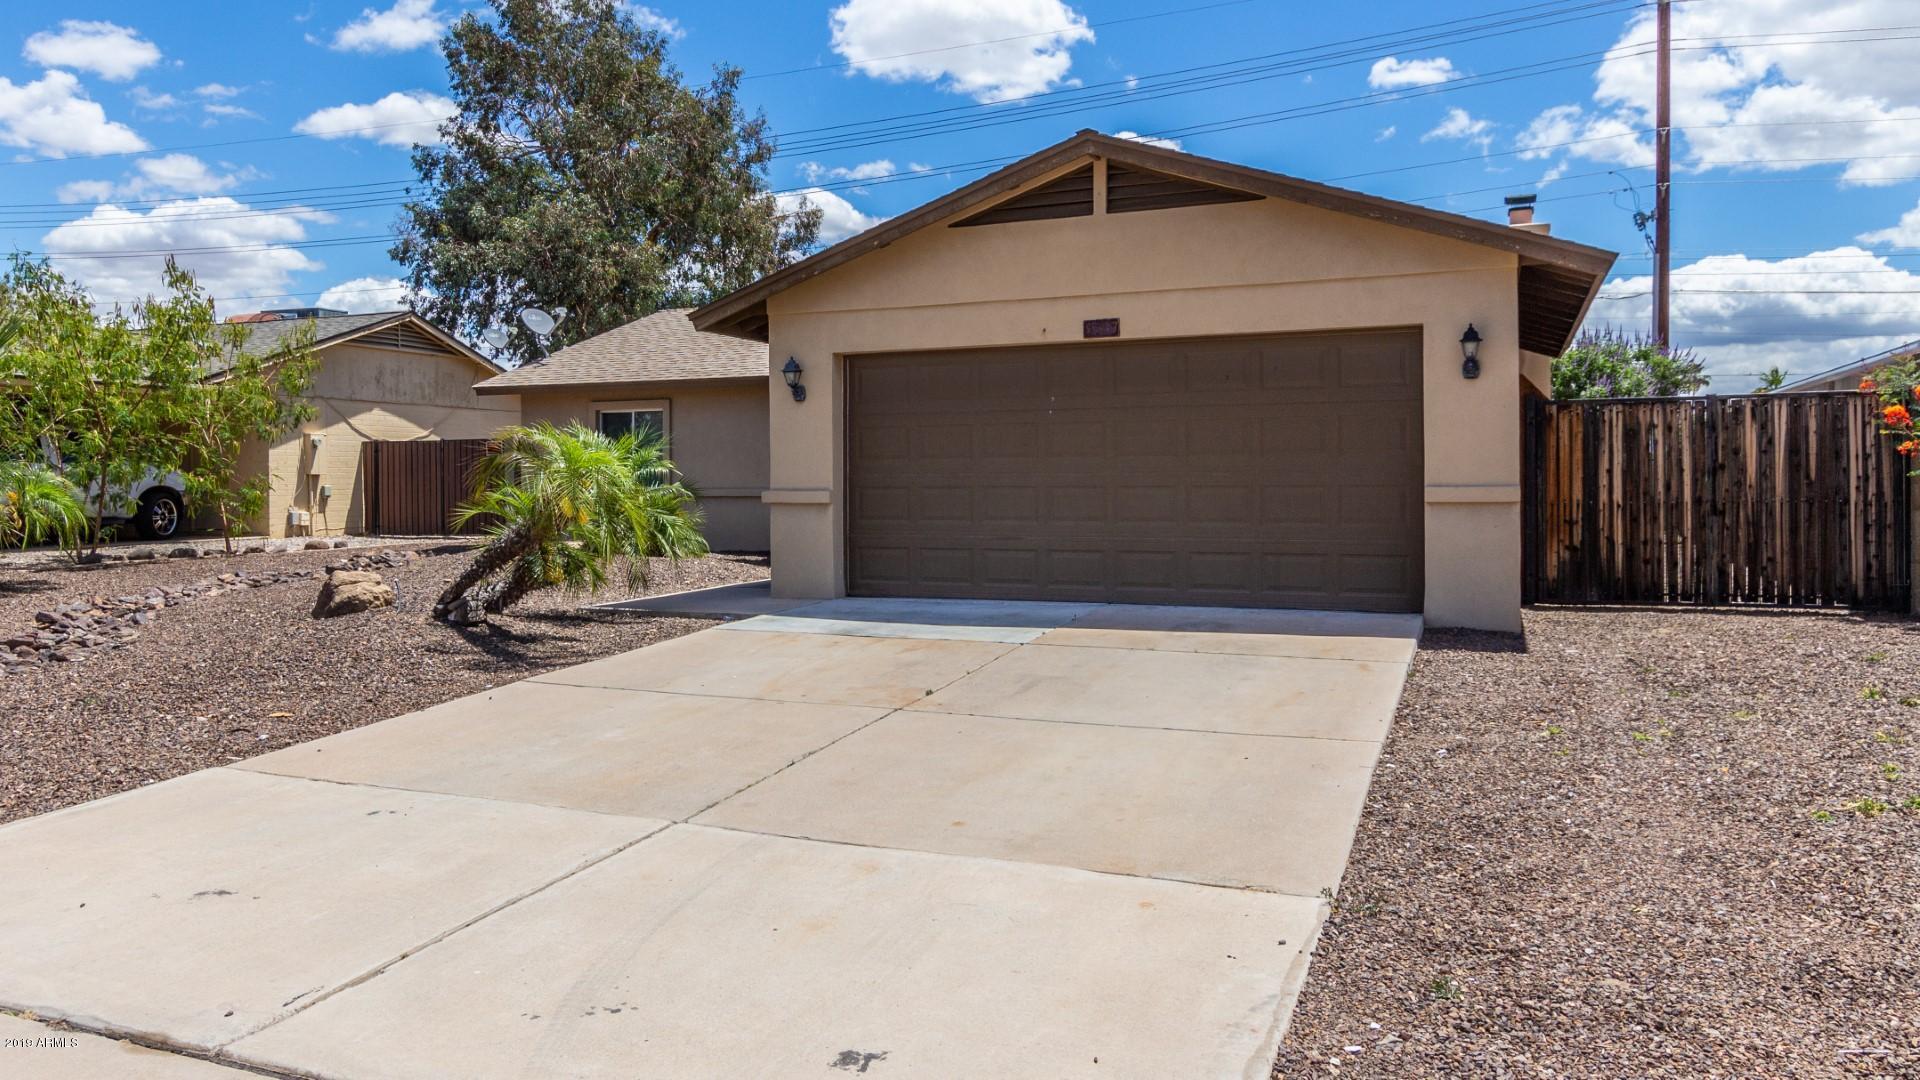 11437 N 91ST Drive, Peoria, Arizona